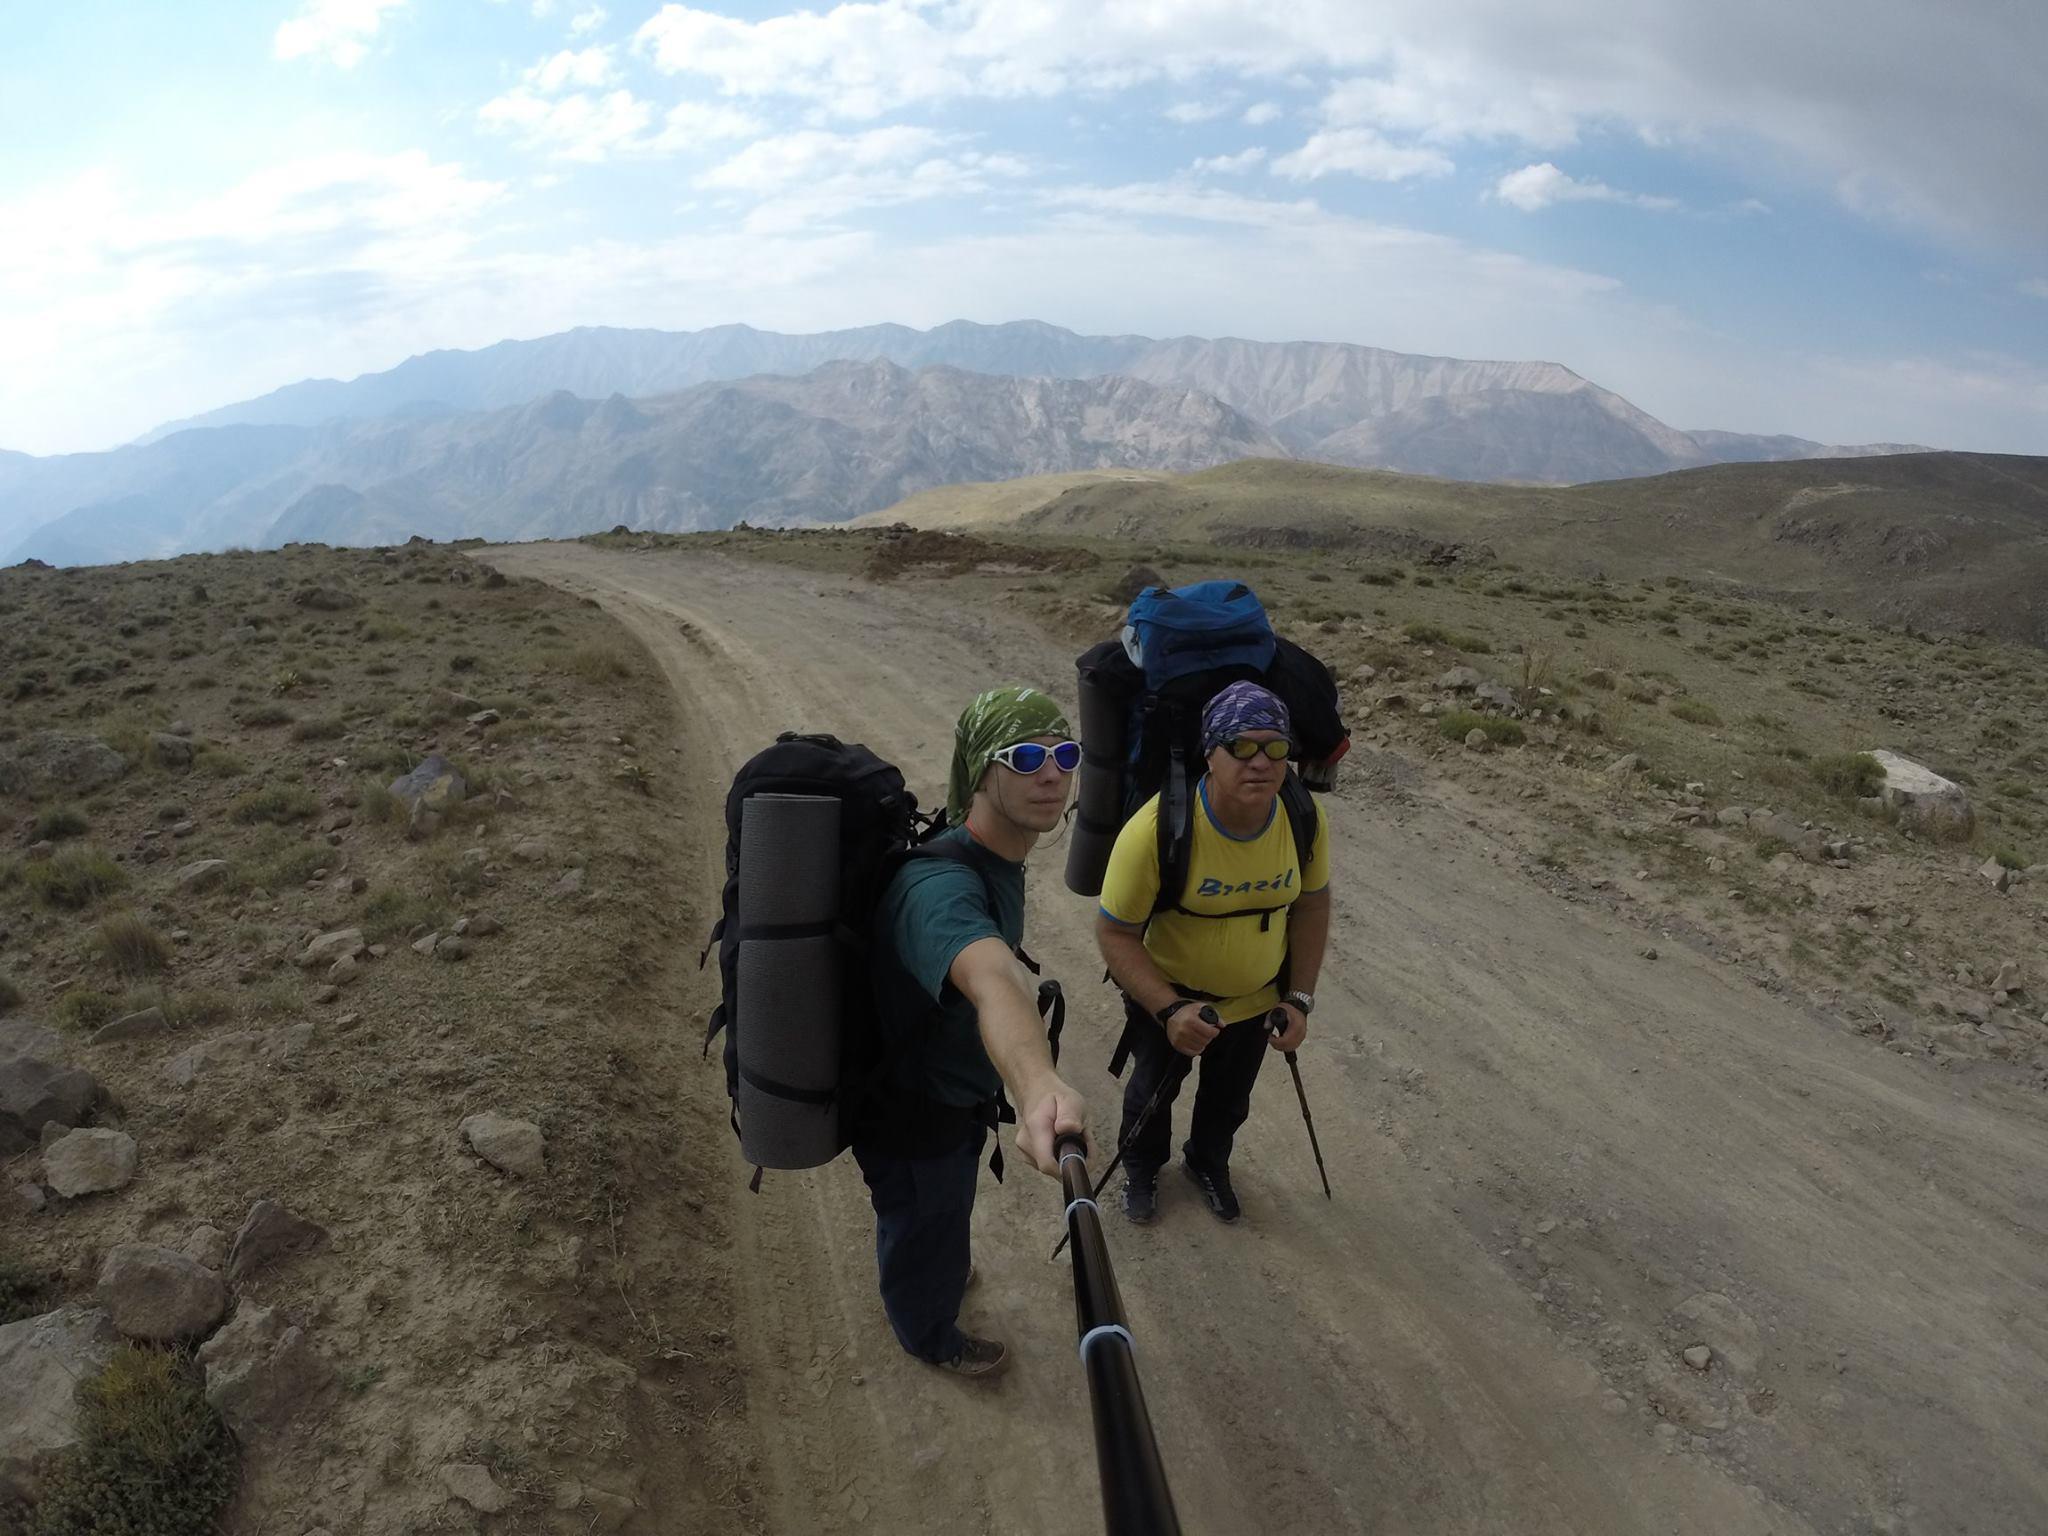 5671 метр у напрямку неба: вінничани встановили жовто-блакитний прапор на найвищій горі Ірану